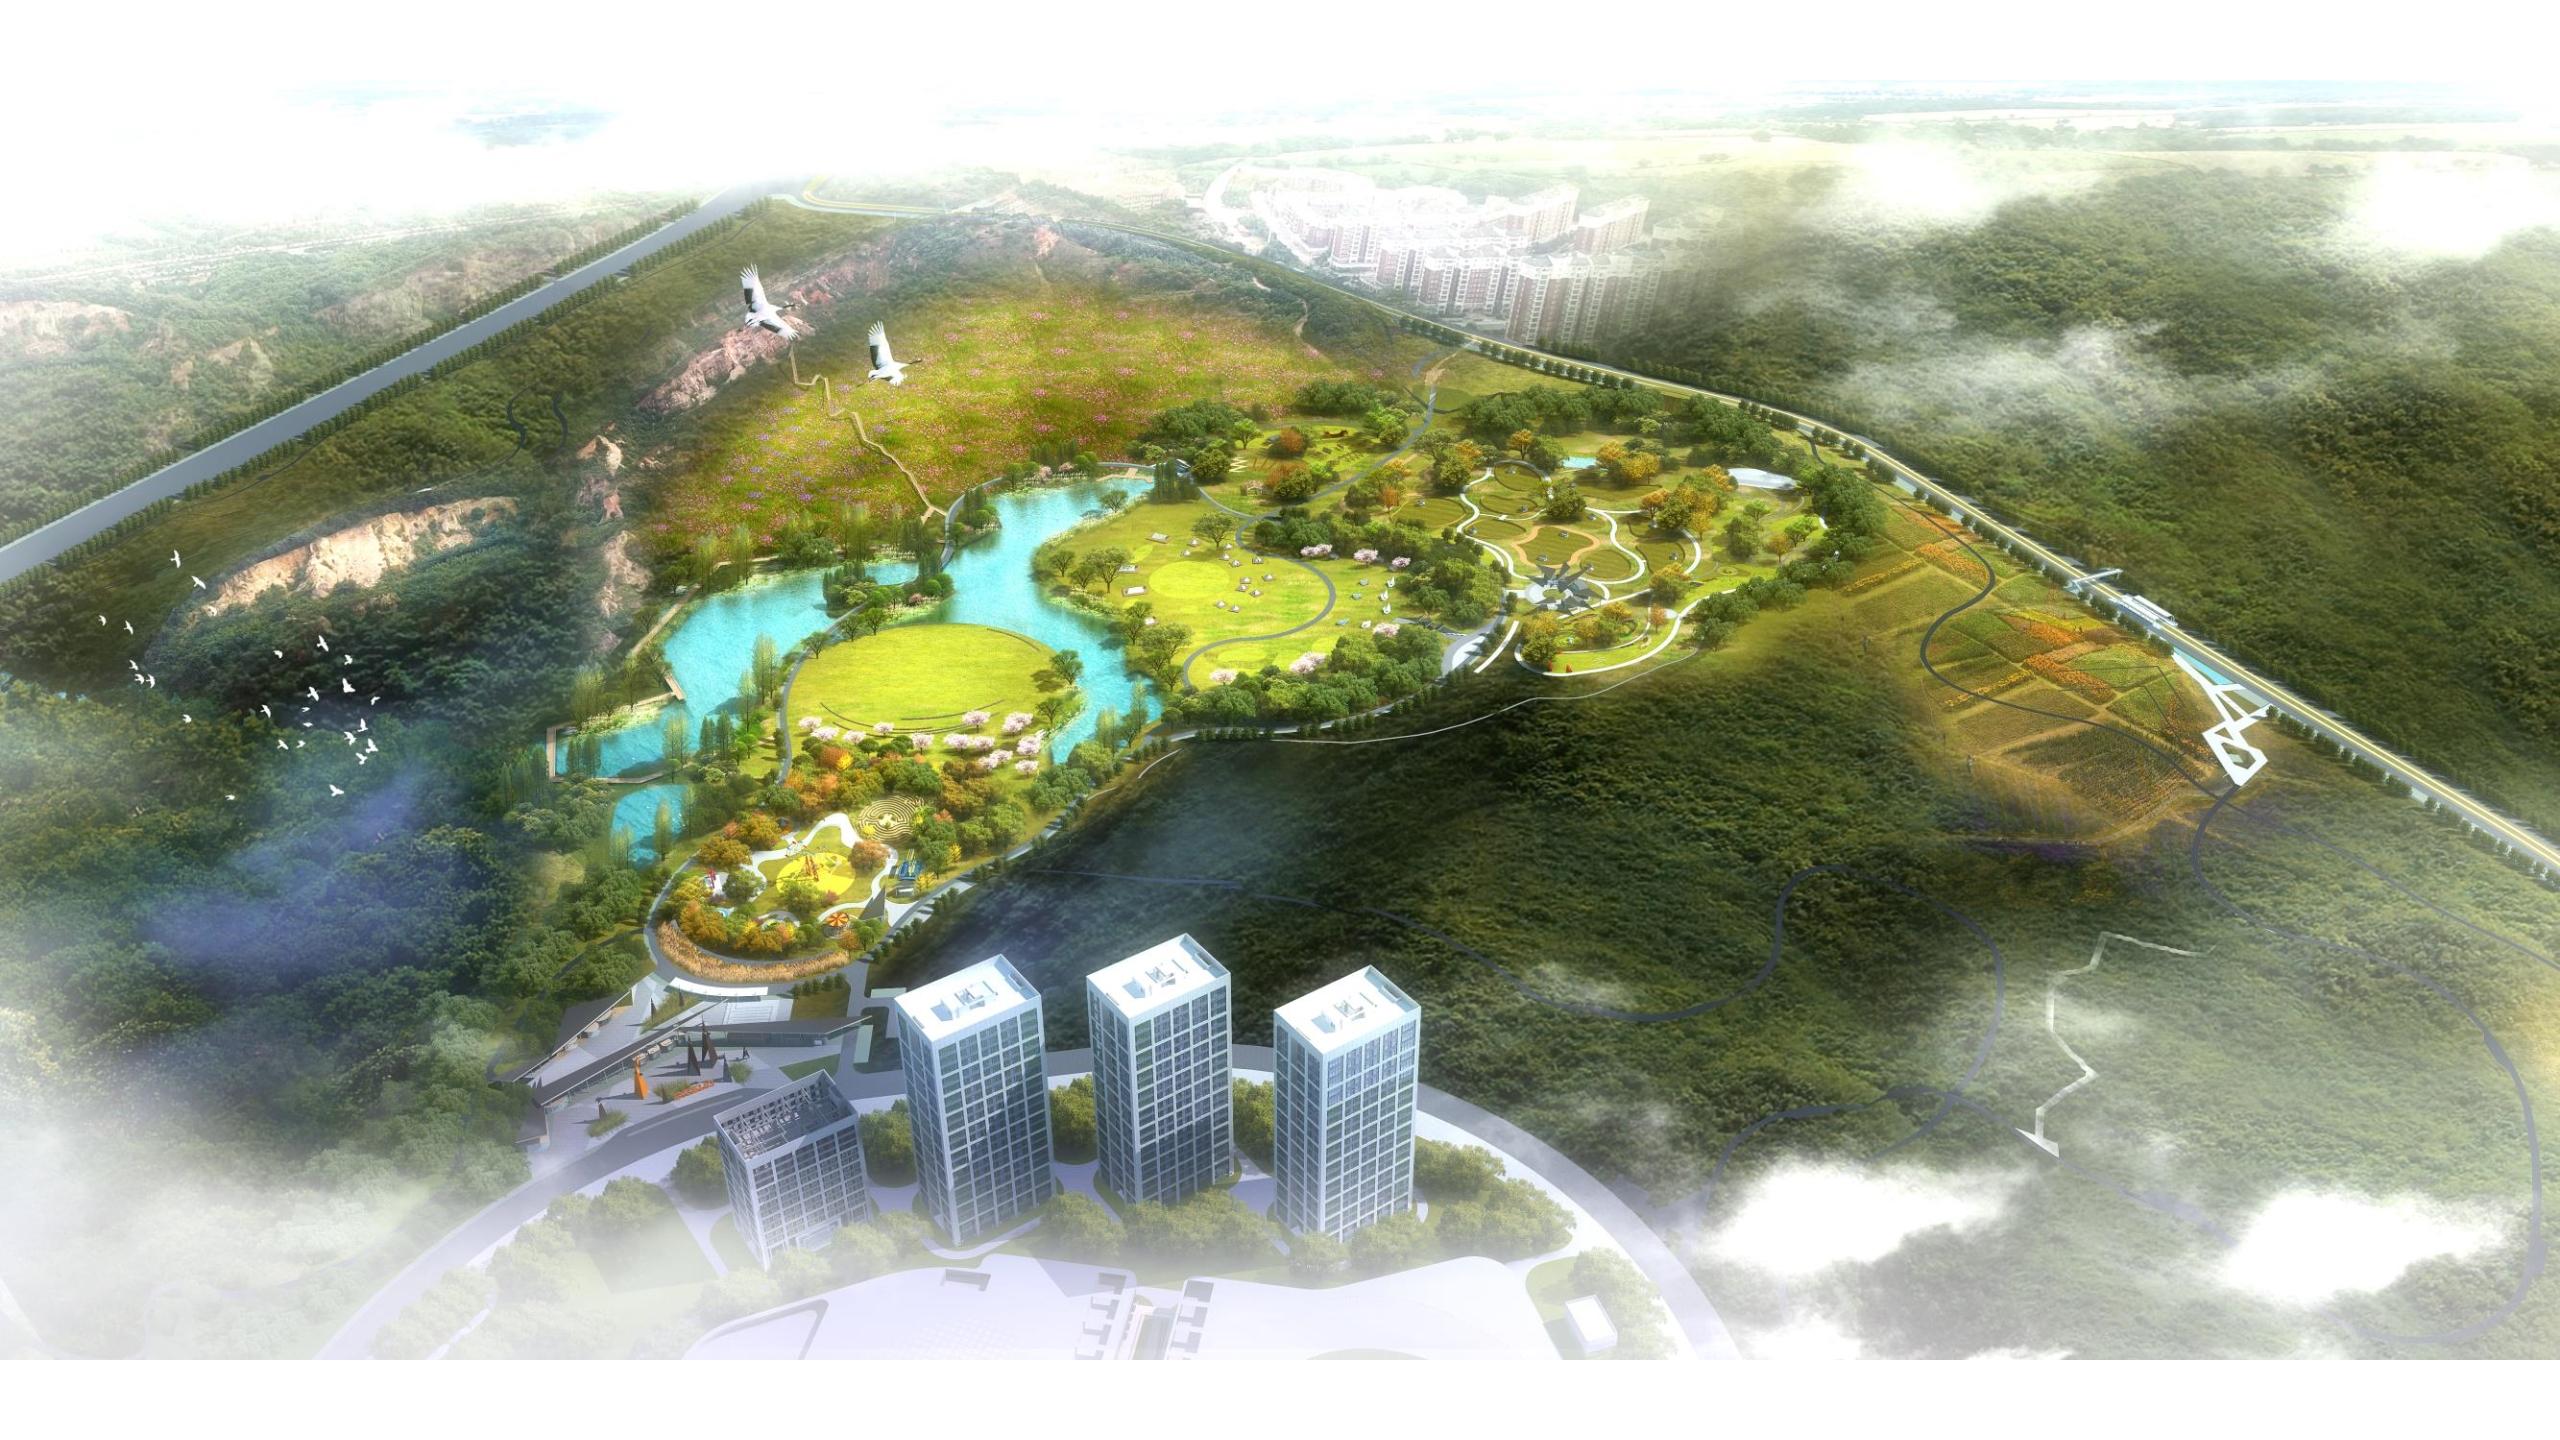 旅游小镇山体公园设计方案